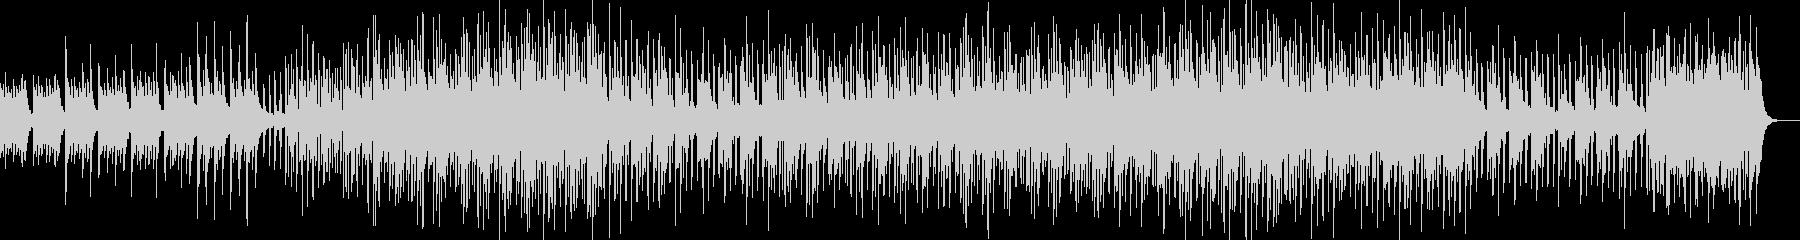 軽快で優しいミニマルなピアノ曲の未再生の波形